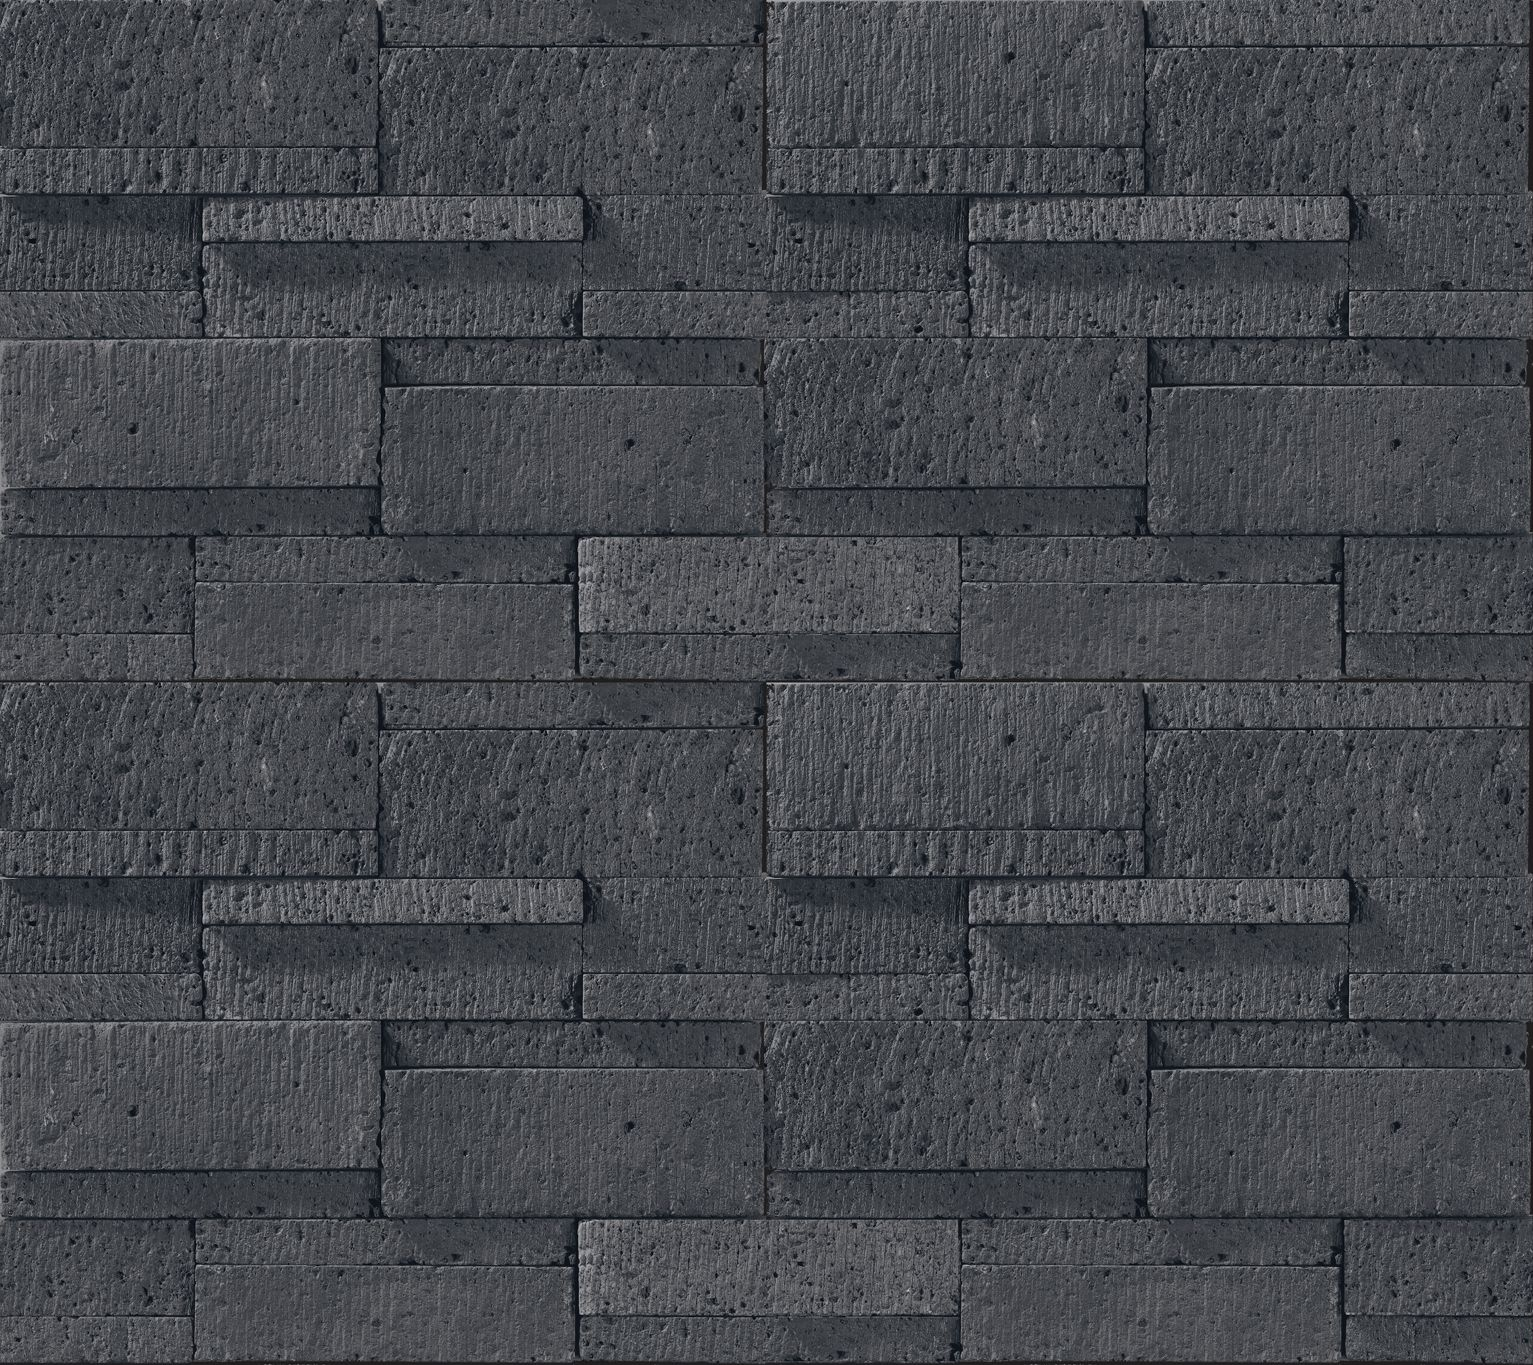 ストーン調のセメント二次製品 メイソンロック Icr 03 テクスチャサイズ 1180mm X 920mm Texture Wall Stone Black 黒 石調 モダン 壁テクスチャ 外装 内装 家 外観 内装 玄関 床 タイル